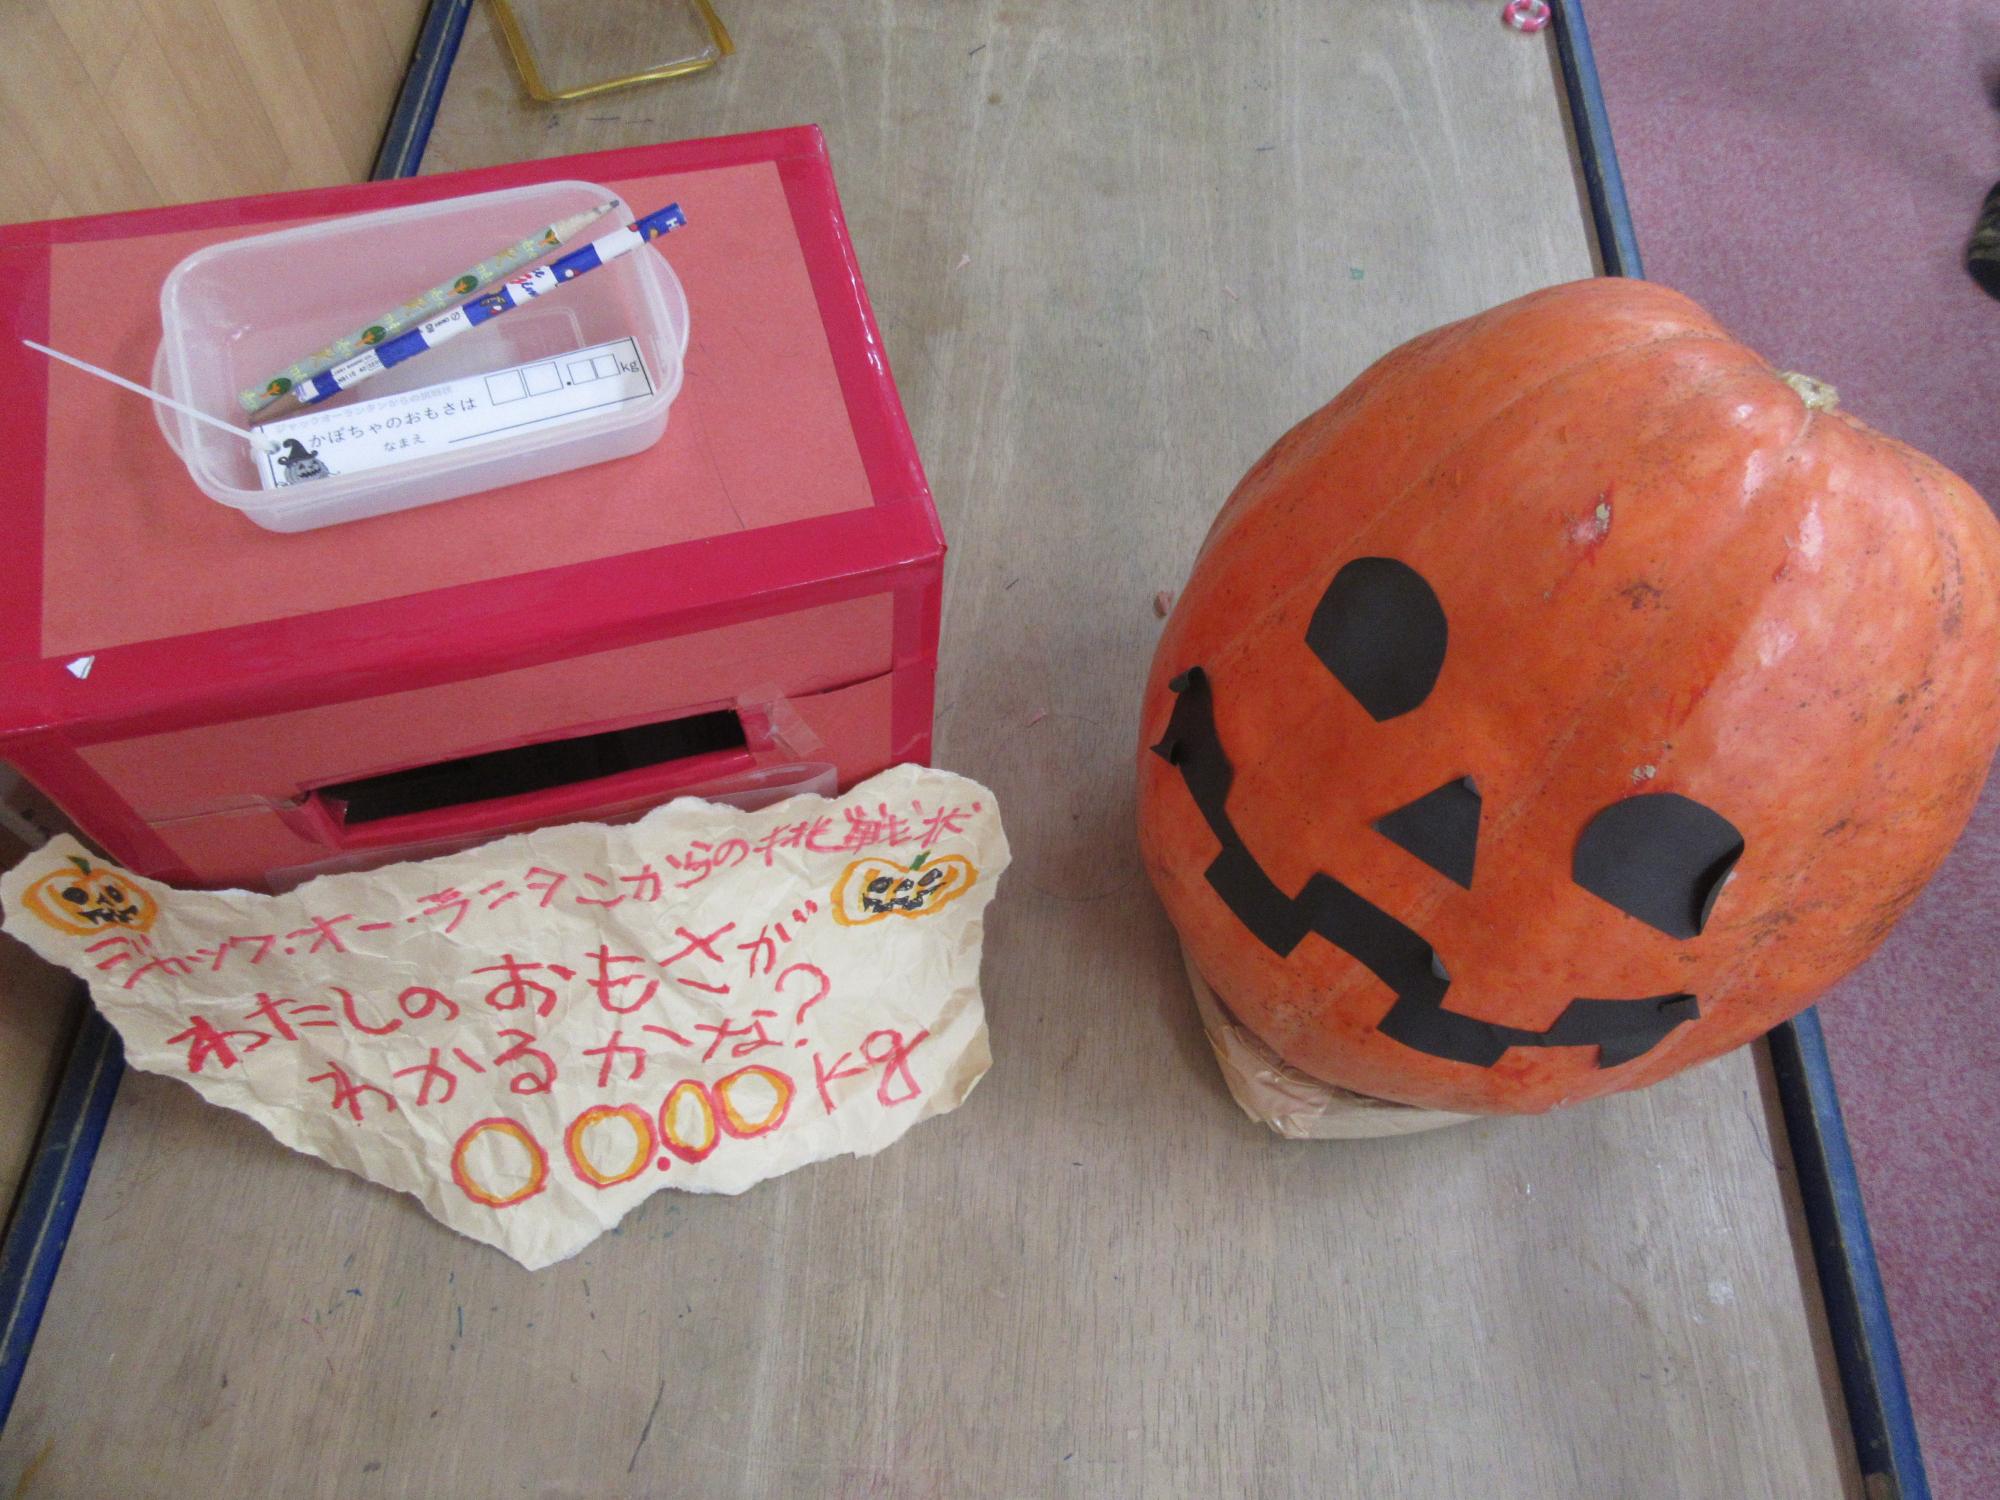 神戸市立六甲道児童館「ジャック・オー・ランタンからの挑戦状」